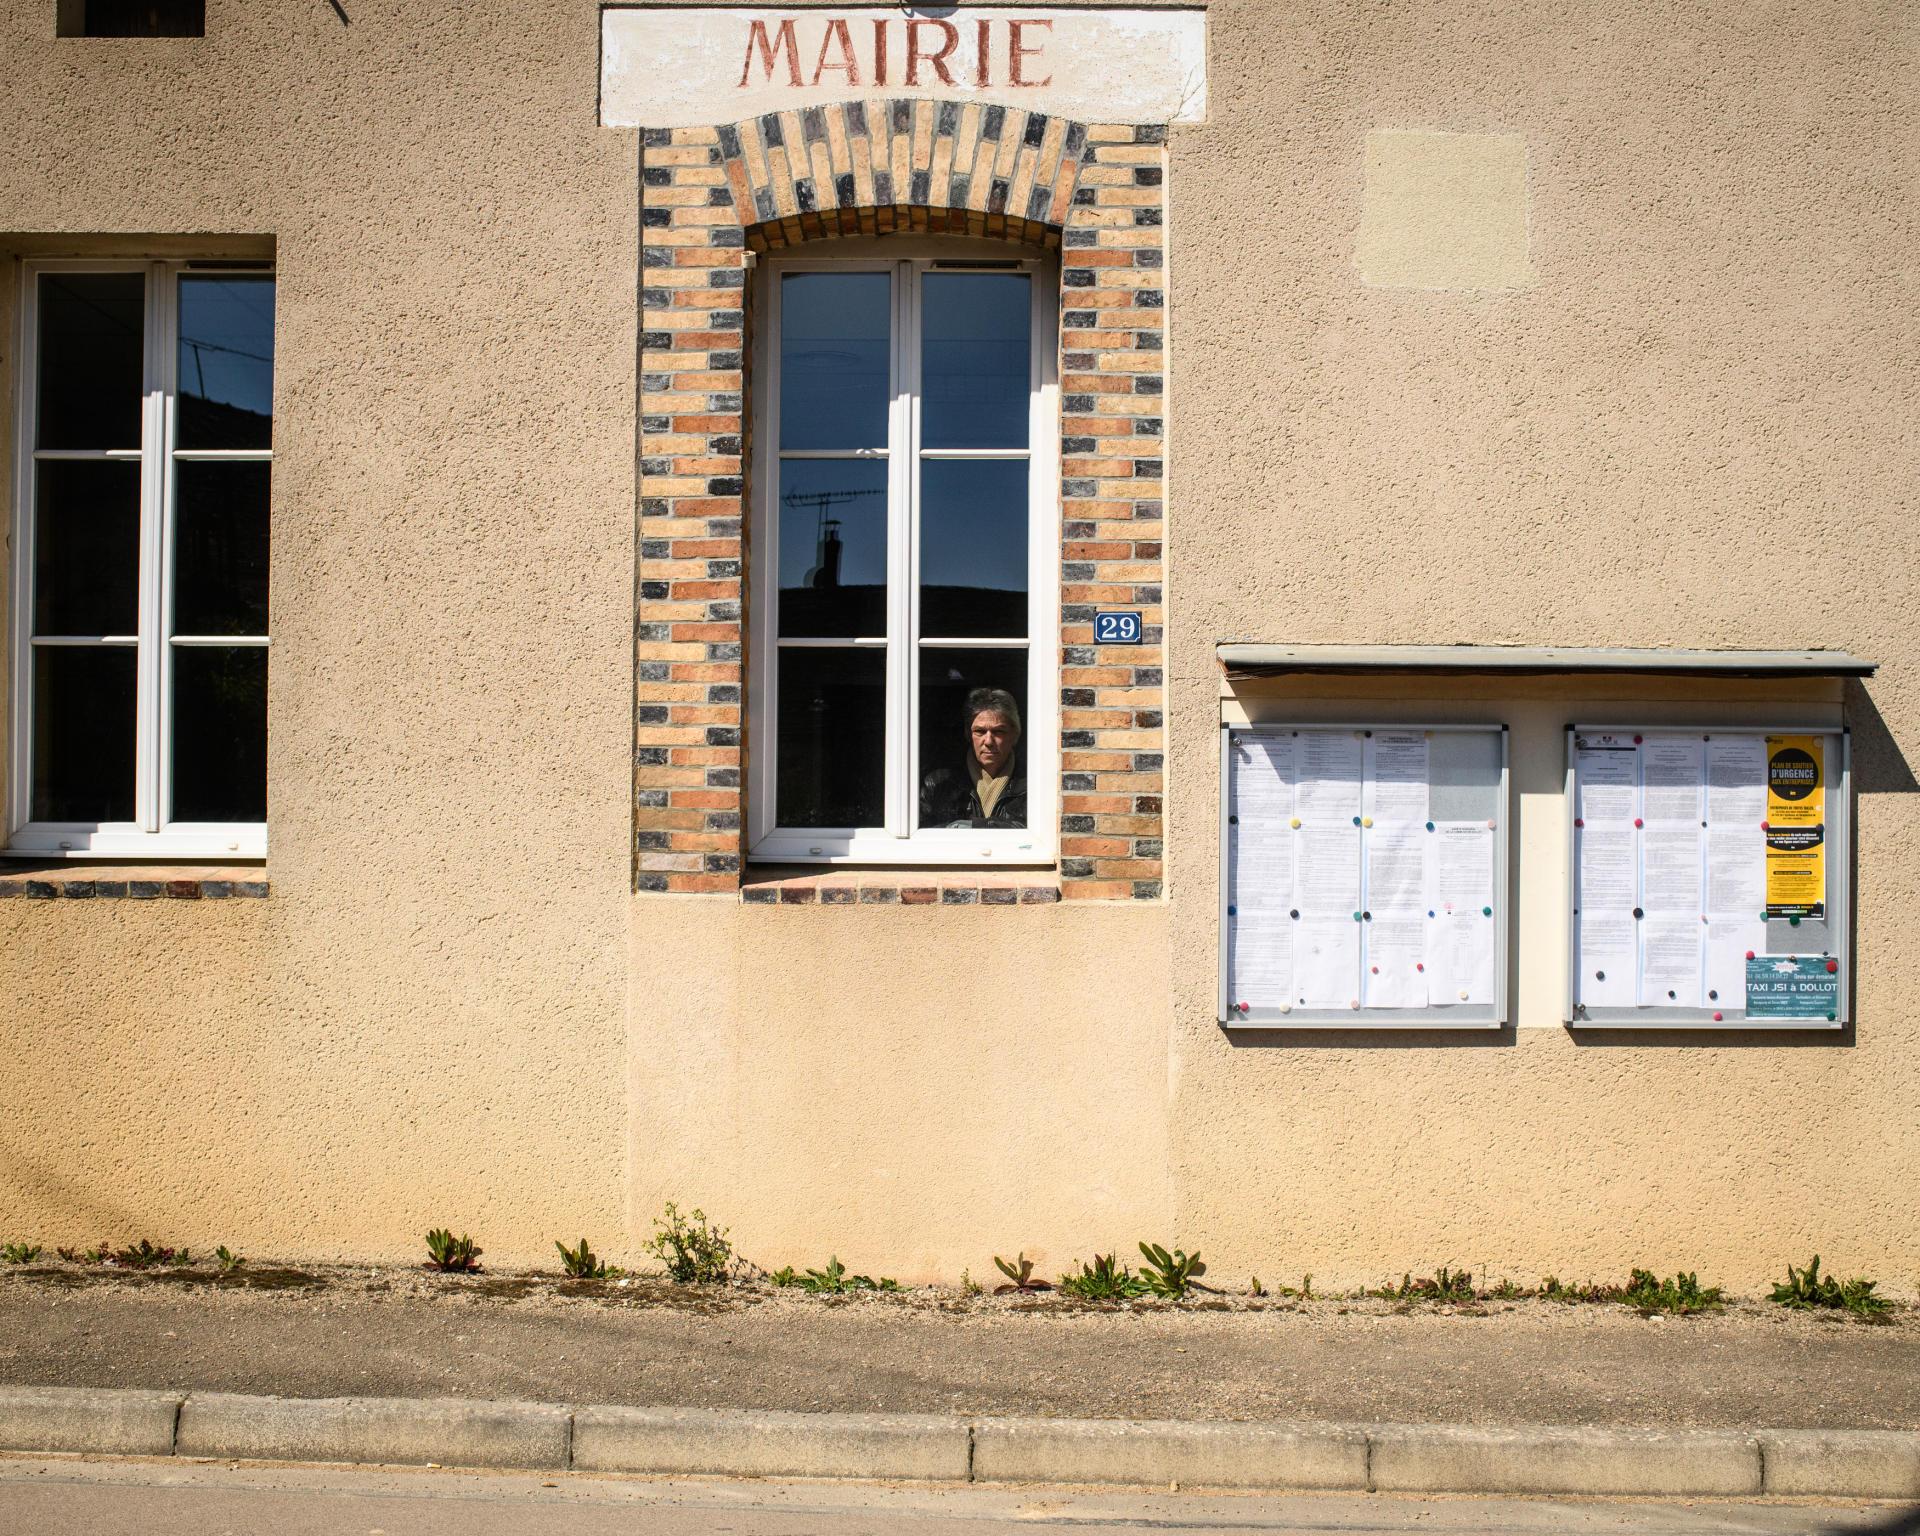 Jean-Jacques Noël, maire du village de Dollot, pose derrière une fenêtre de la salle des fêtes pendant la période de confinement dû au coronavirus.